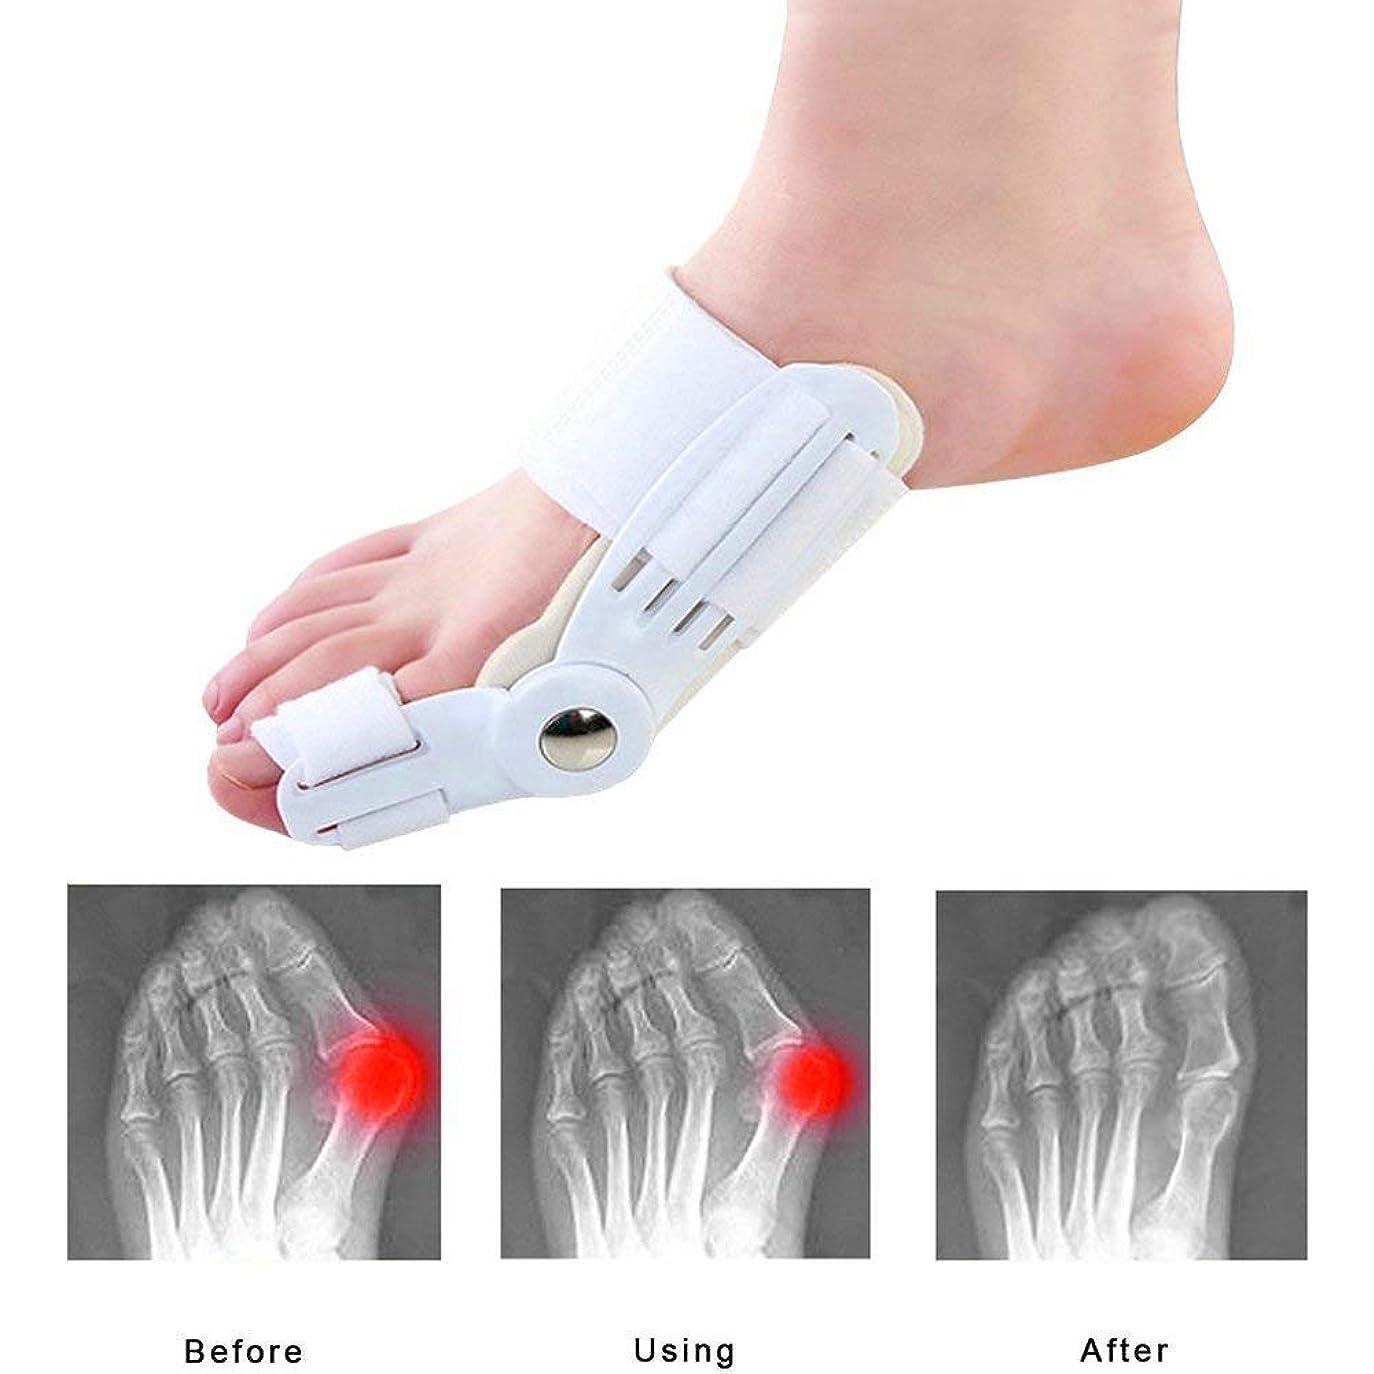 より多いハンディキャップレールつま先のセパレーターと矯正、外反母A援助スプリント、痛みを軽減する腱膜瘤補正、ウォーキングトゥアライナー2 PCSを毎日使用